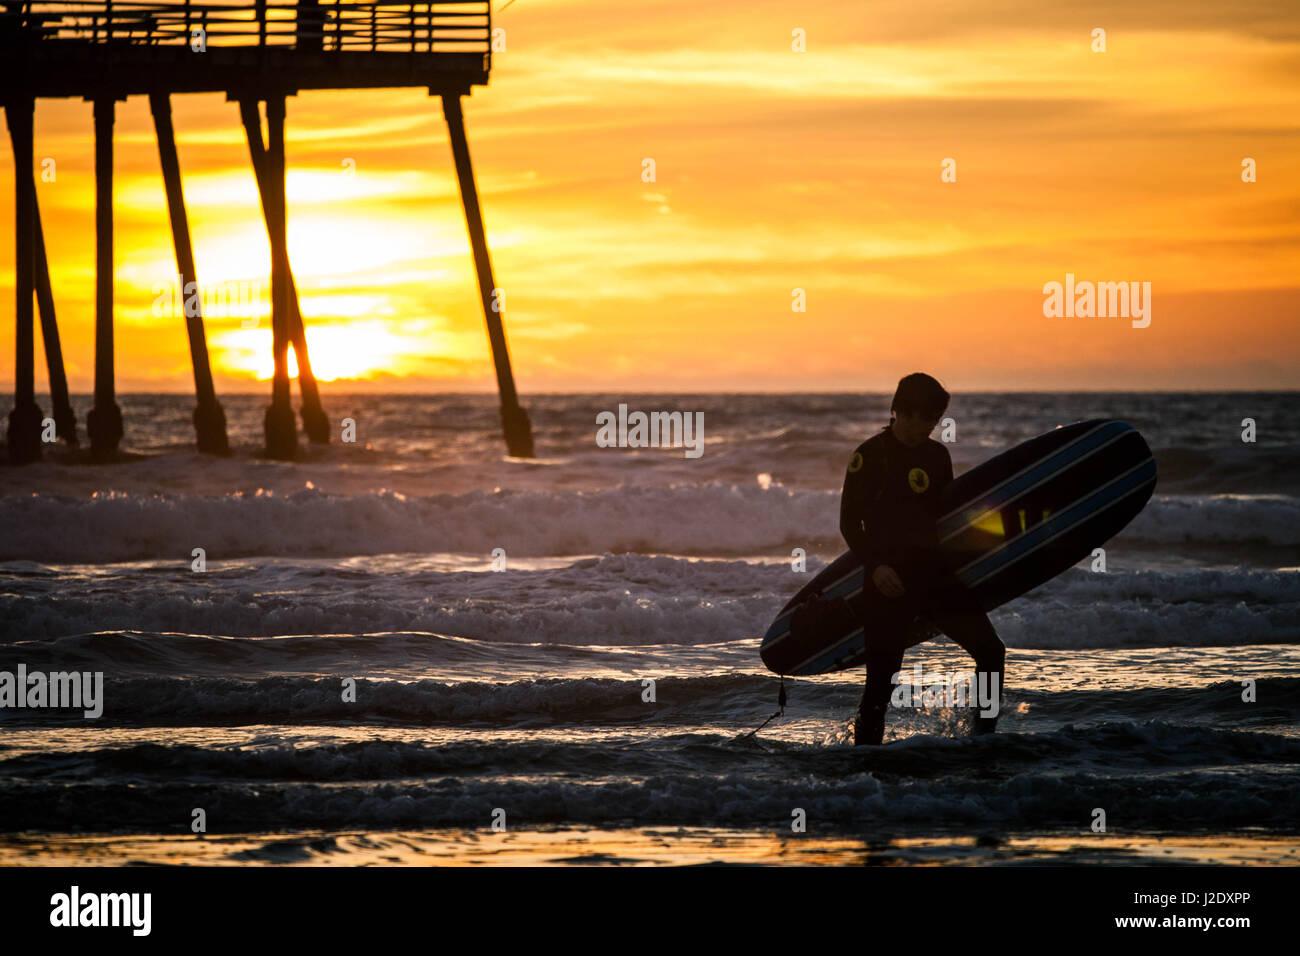 SurfSet_0587   - Stock Image